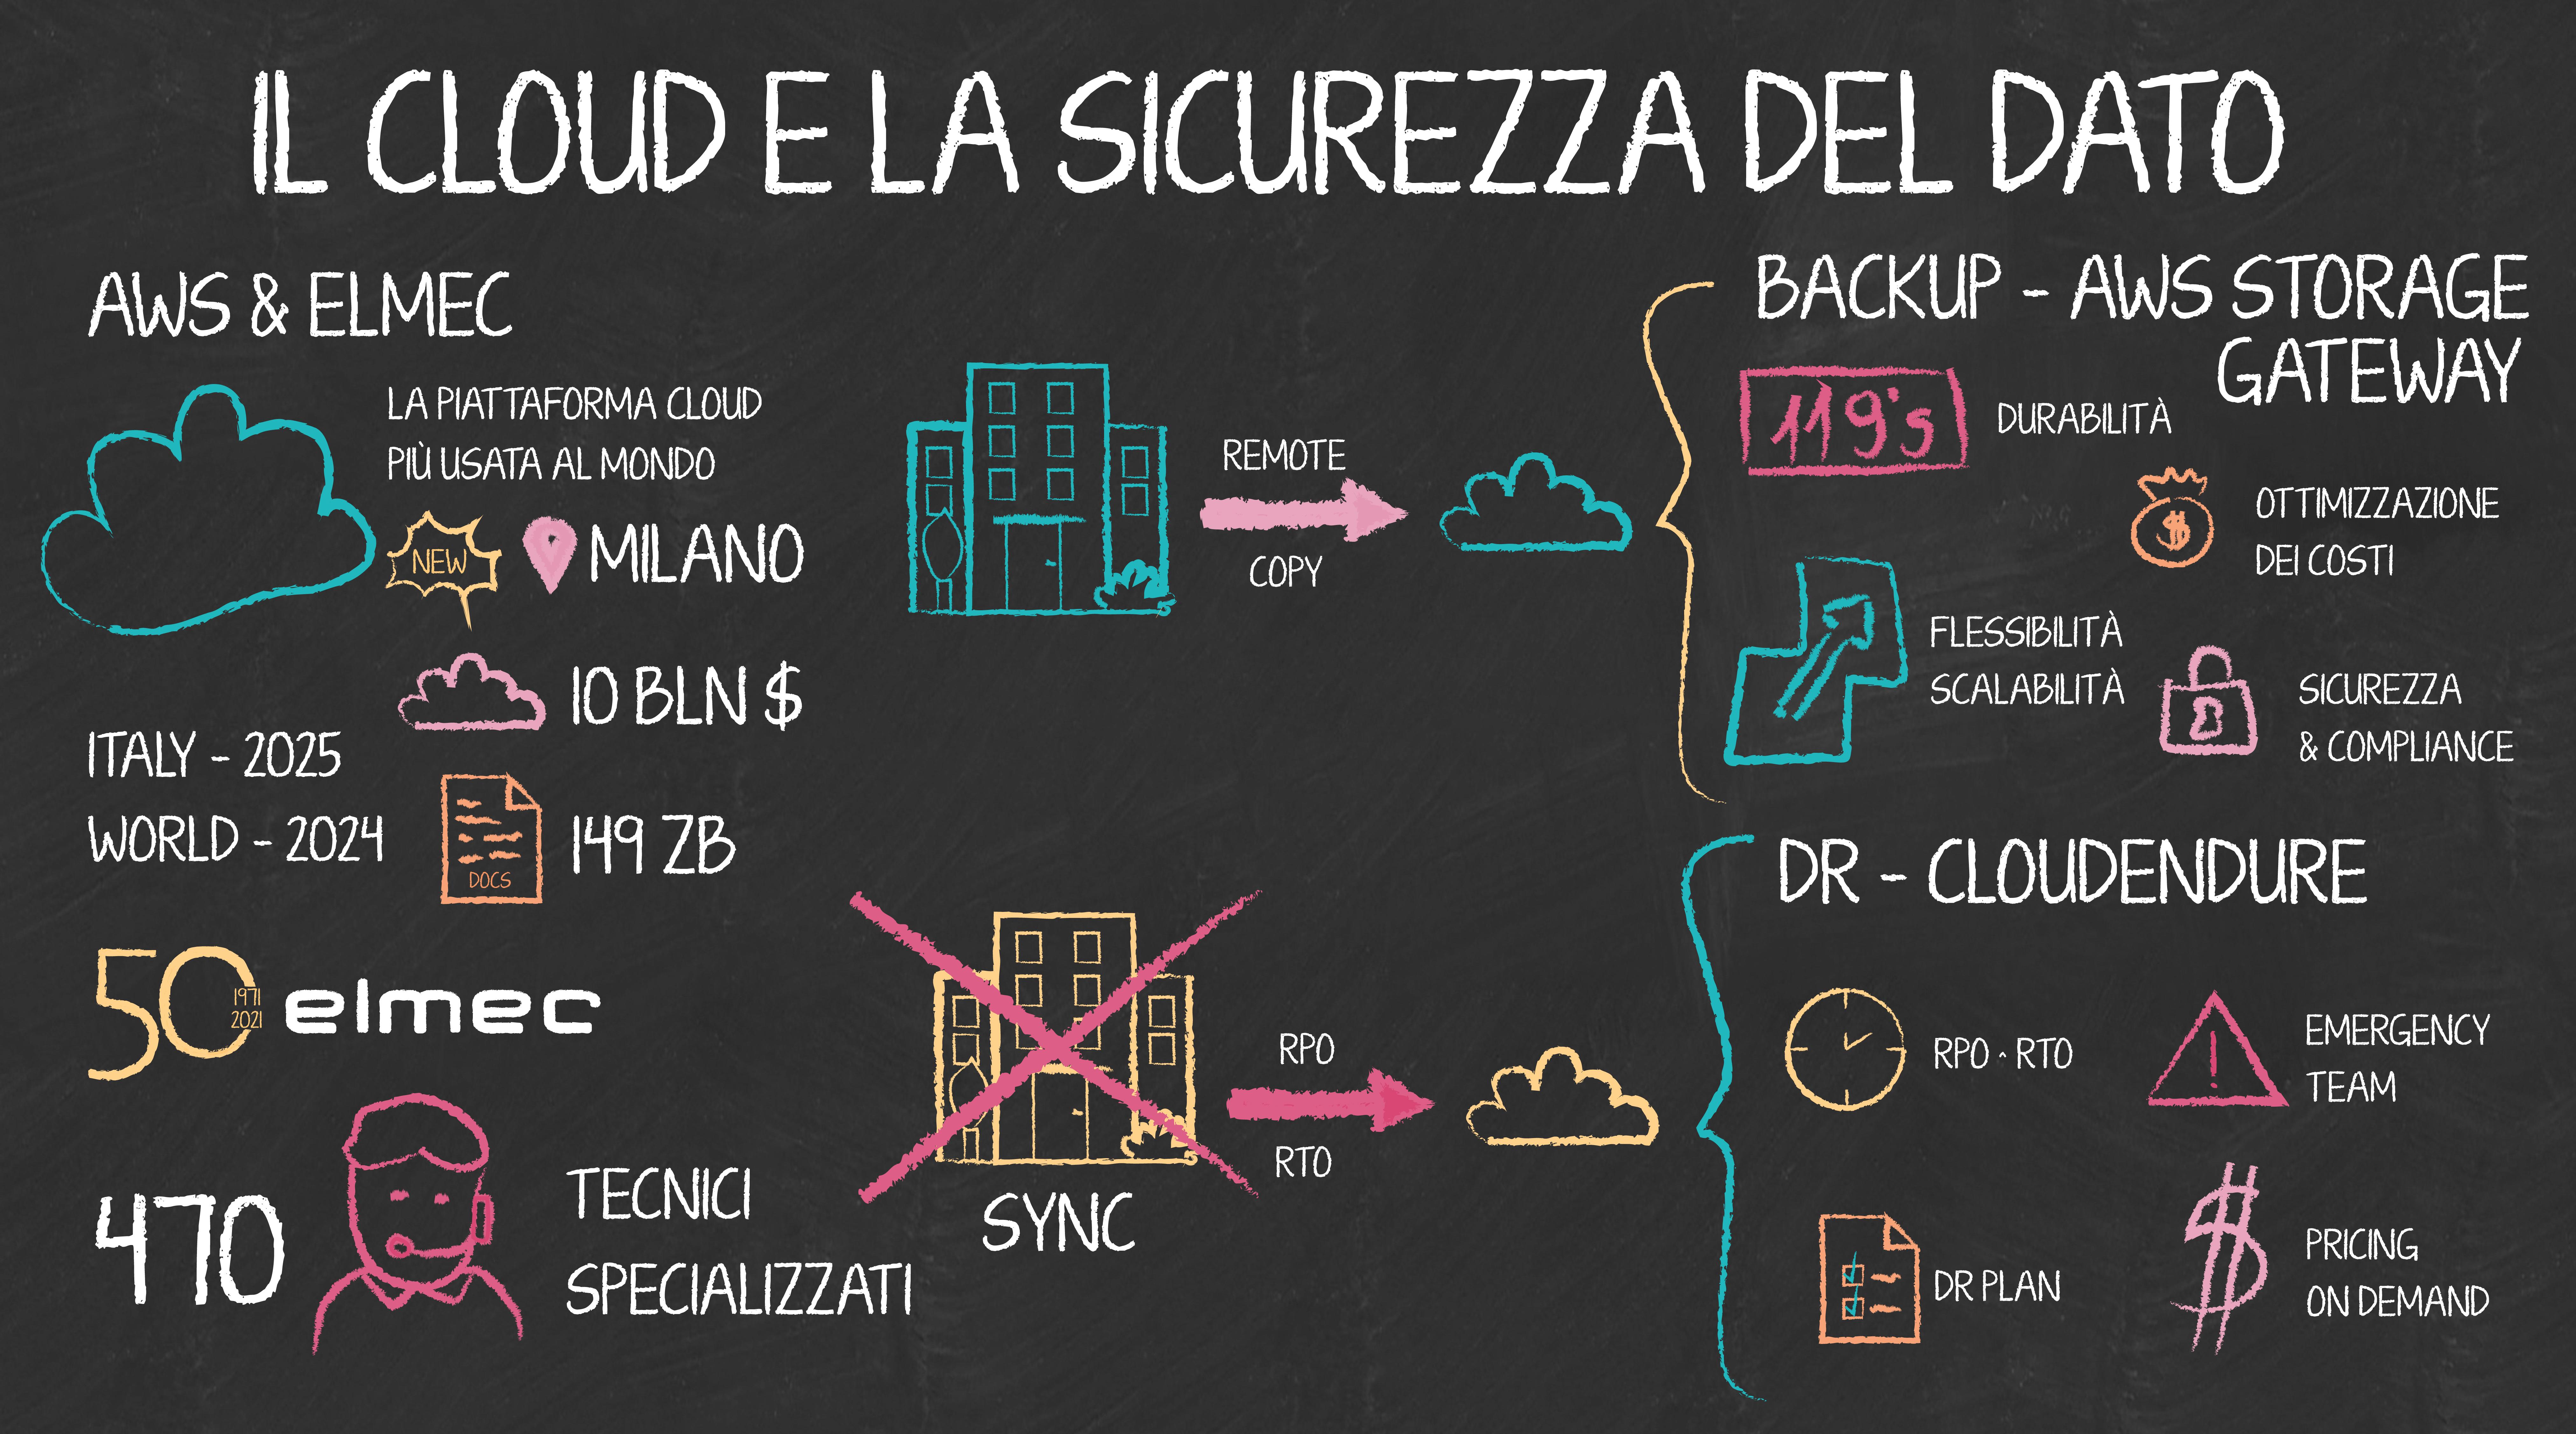 Il cloud e la sicurezza del dato